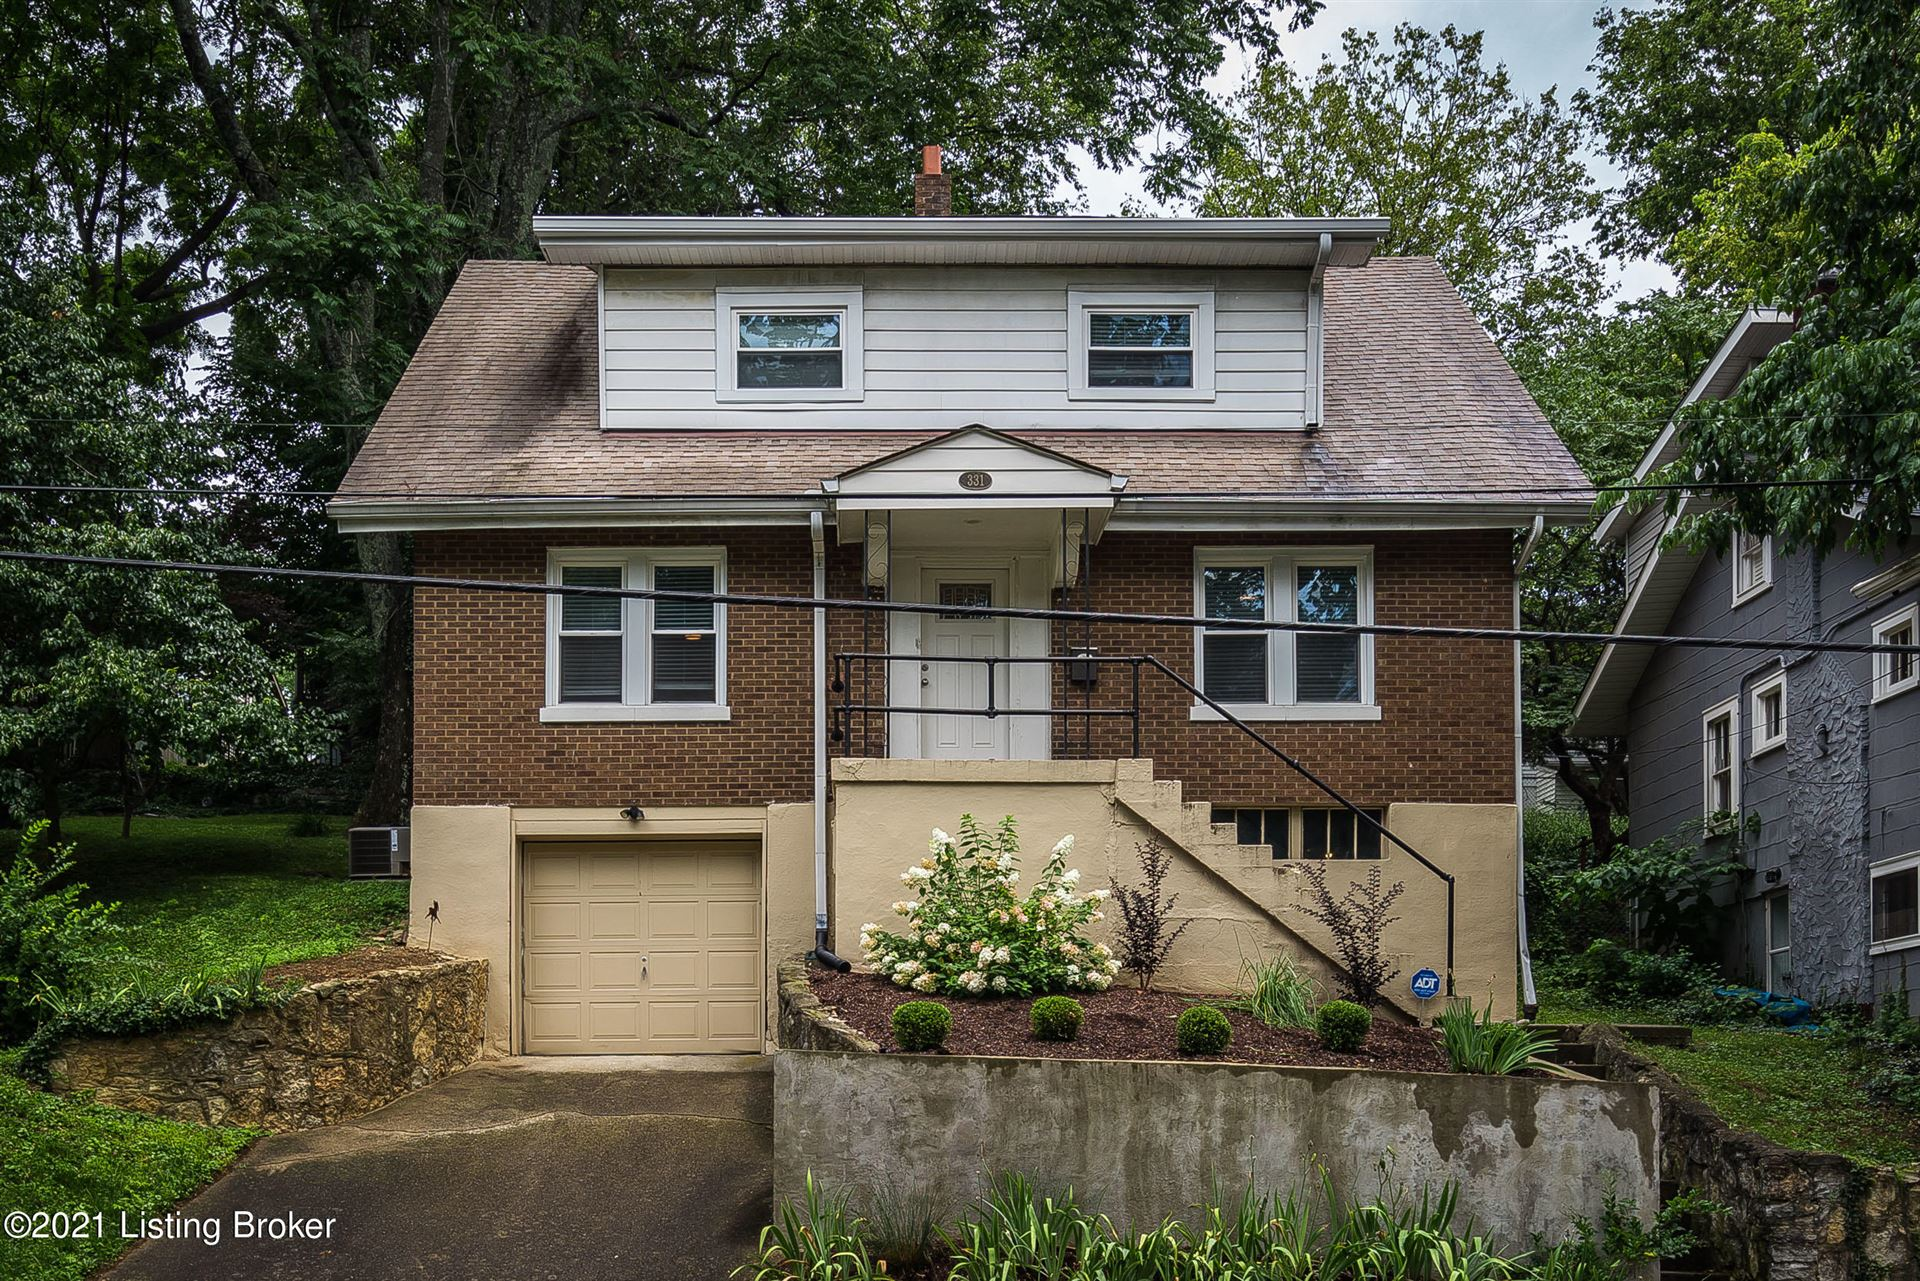 Louisville,KY- $299,000